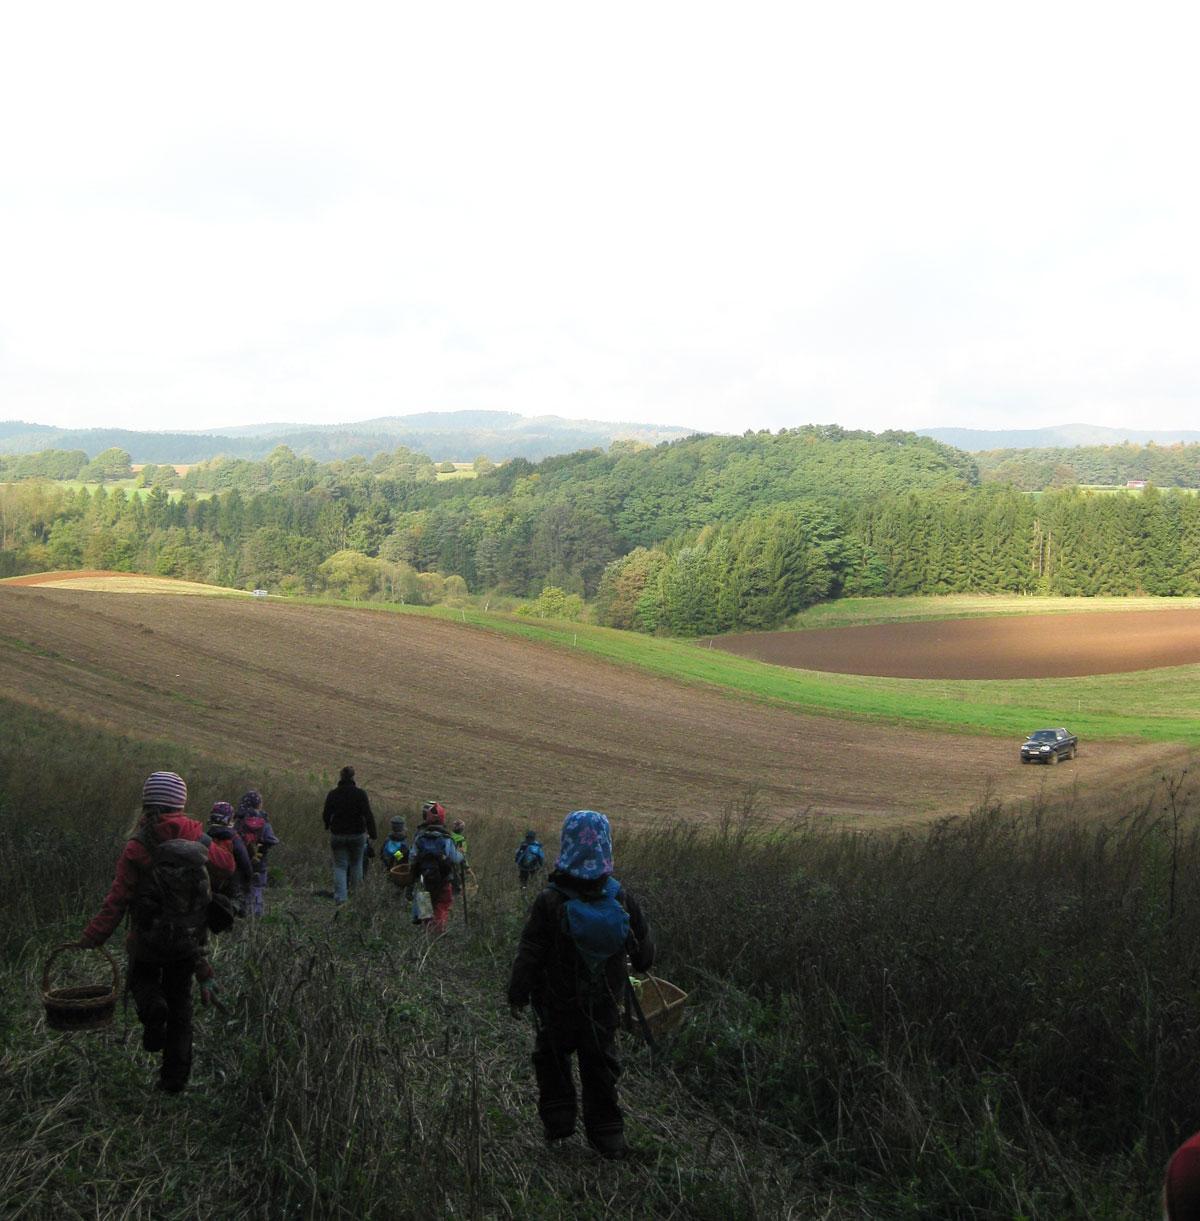 Waldkindergarten-Merzig-Besseringen Von einem Hügel aus geht es tief ein Tal mit vielen Feldern. Am Horizont ist der Wald zu sehen. Einige Kindern rennen oder gehen den Hügel zum Tal hinunter.